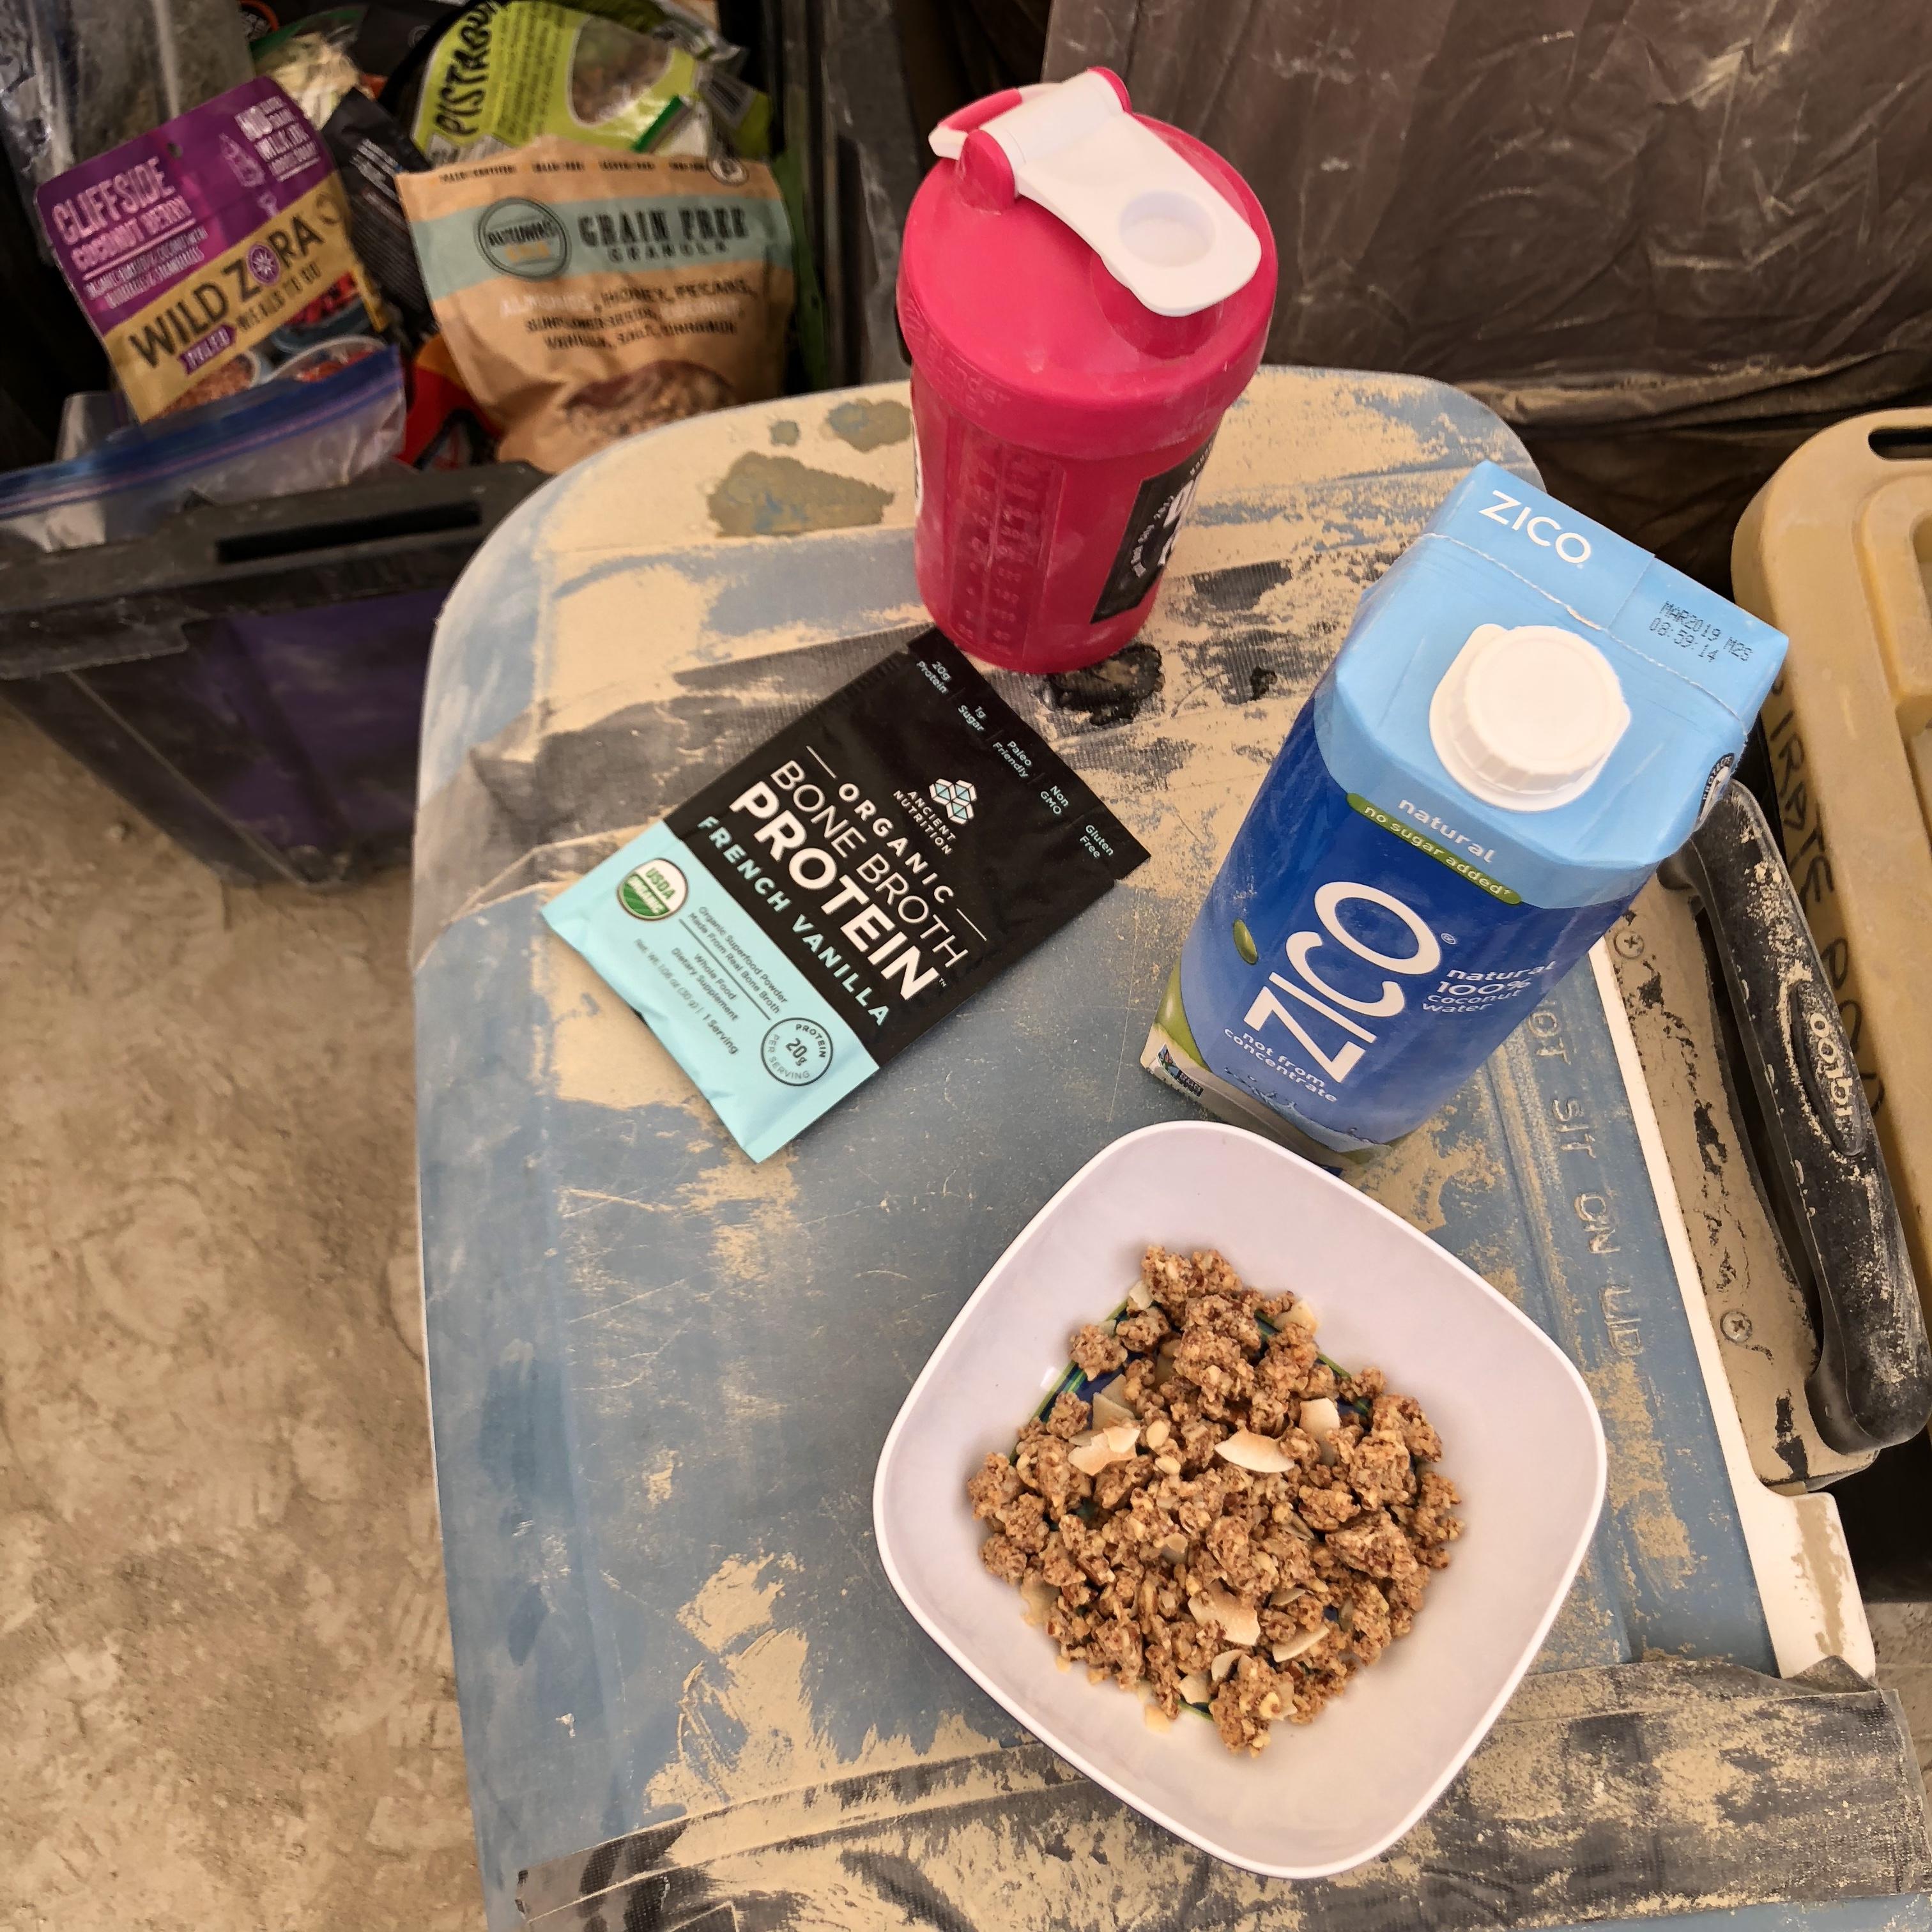 Challenge met: eating Paleo (ish) at Burning Man